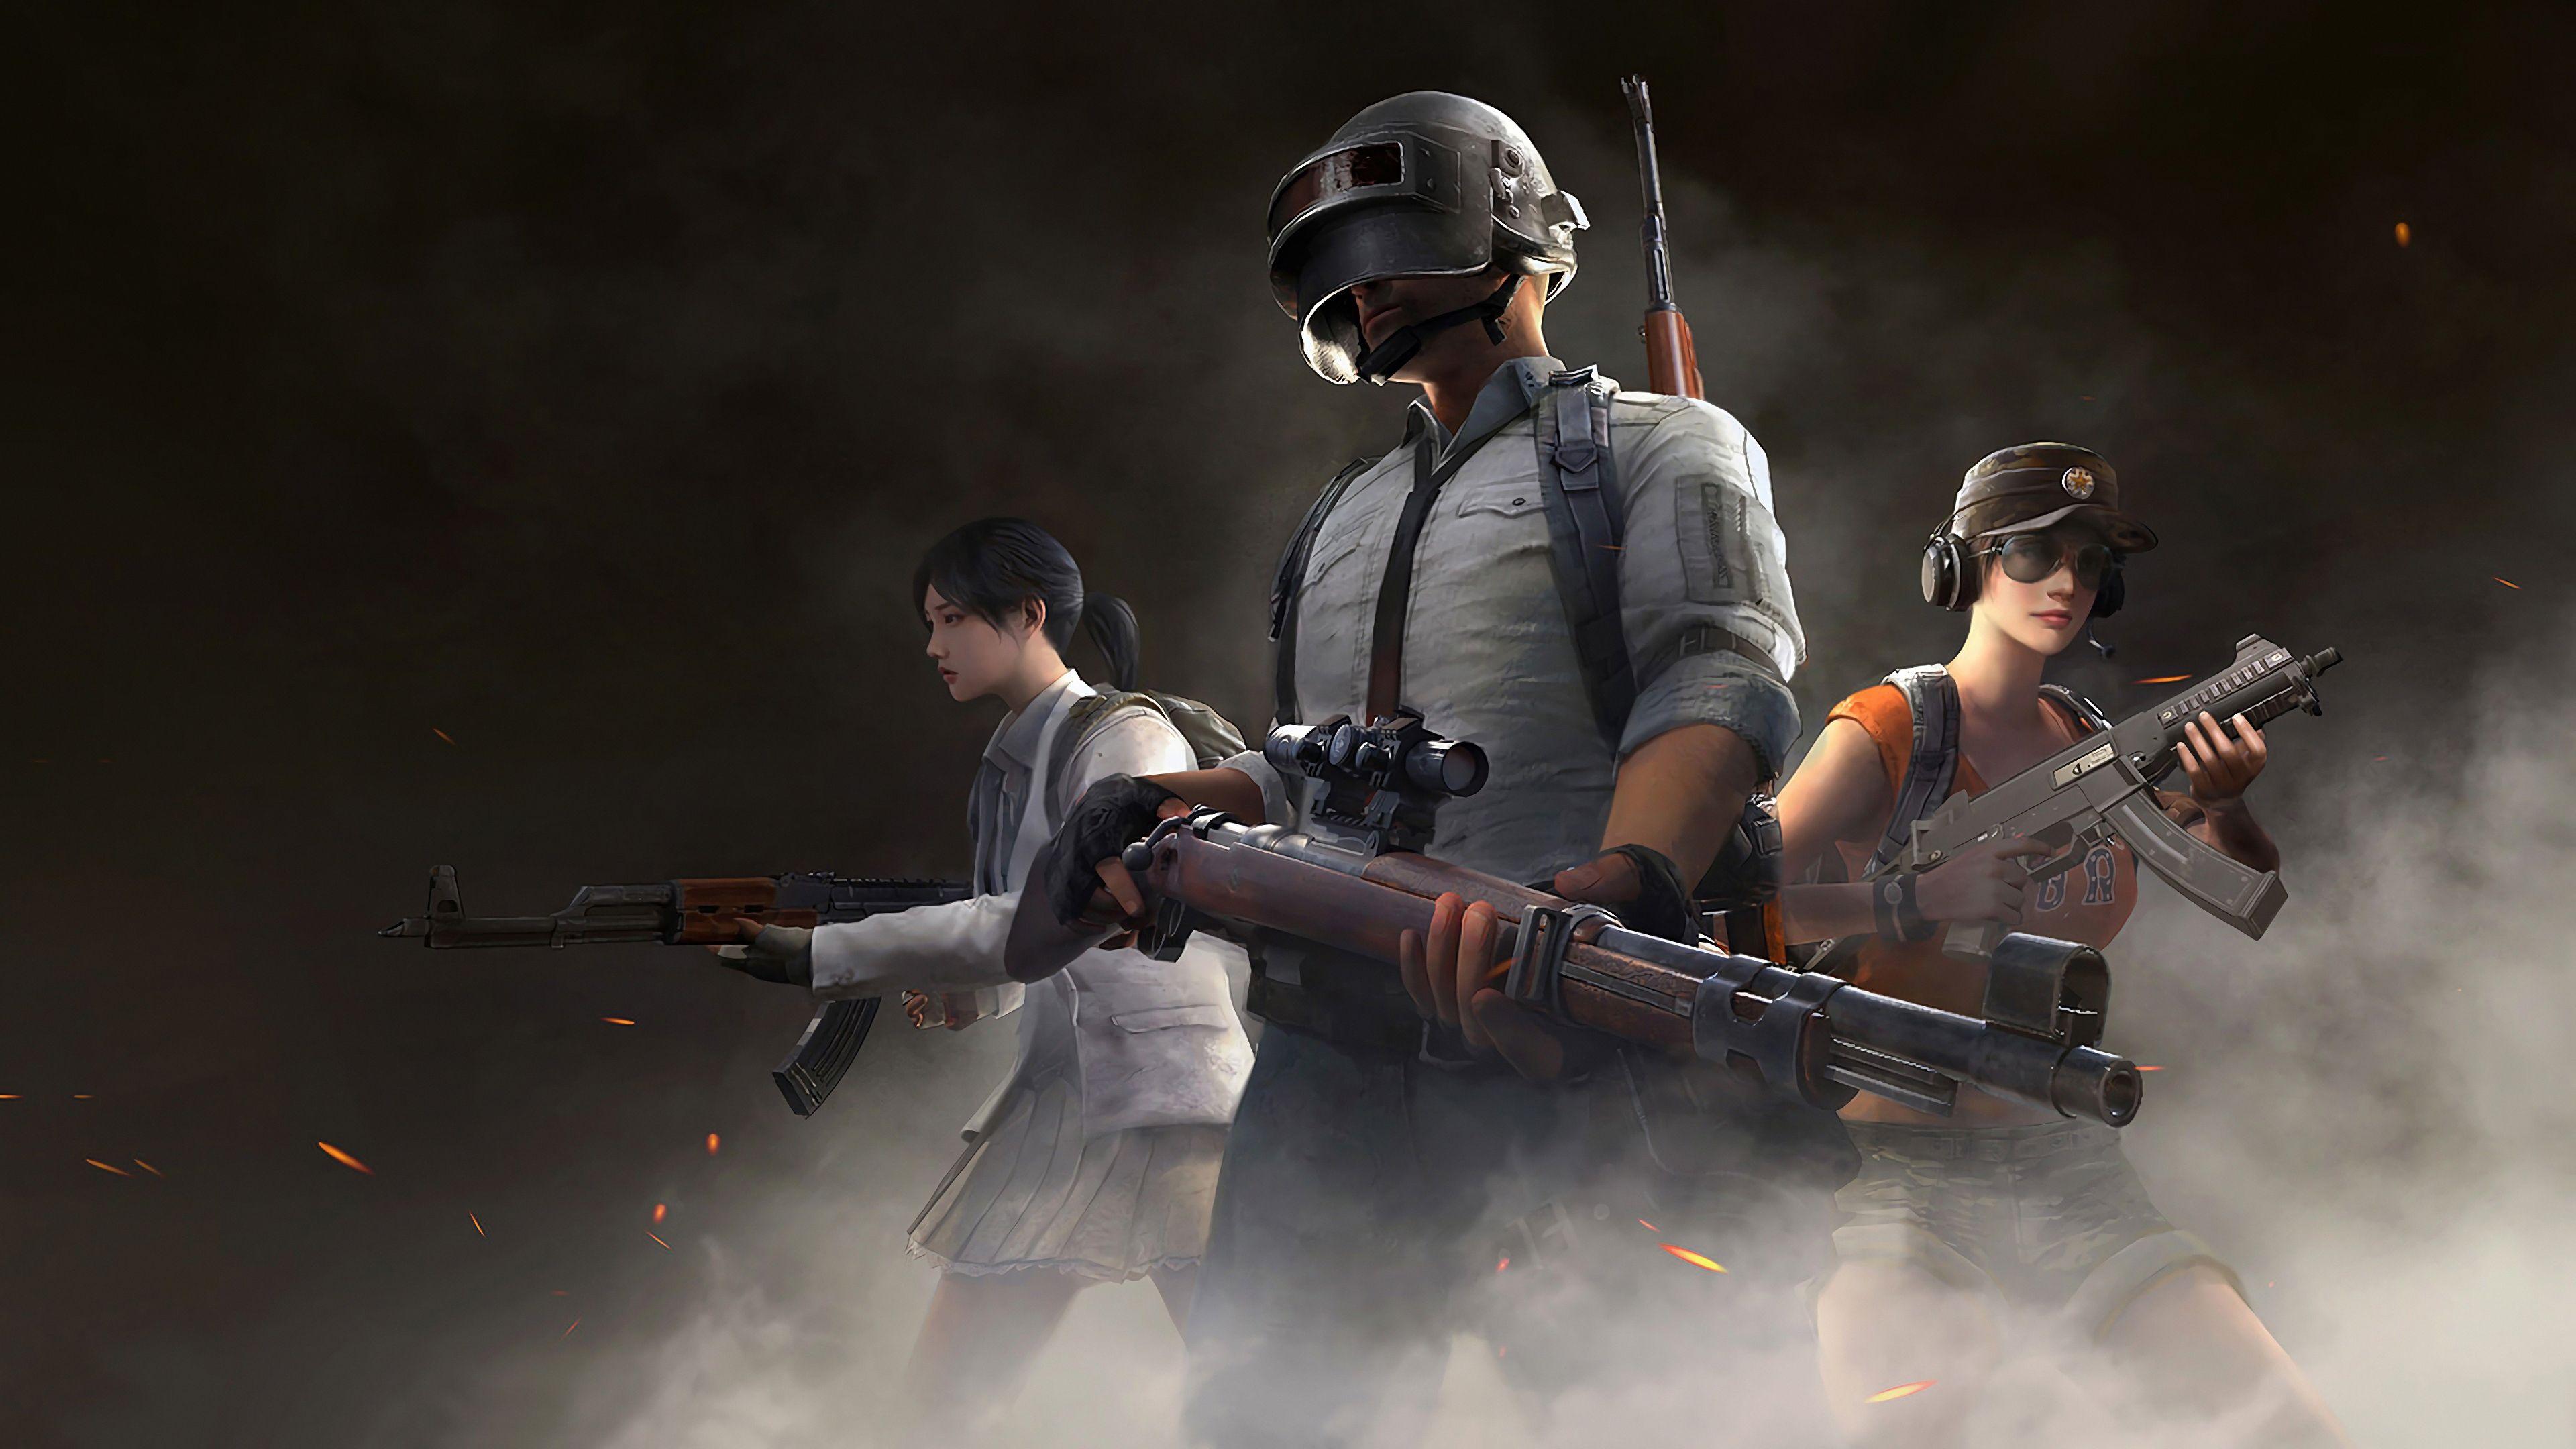 Playerunknowns Battlegrounds Wallpaper